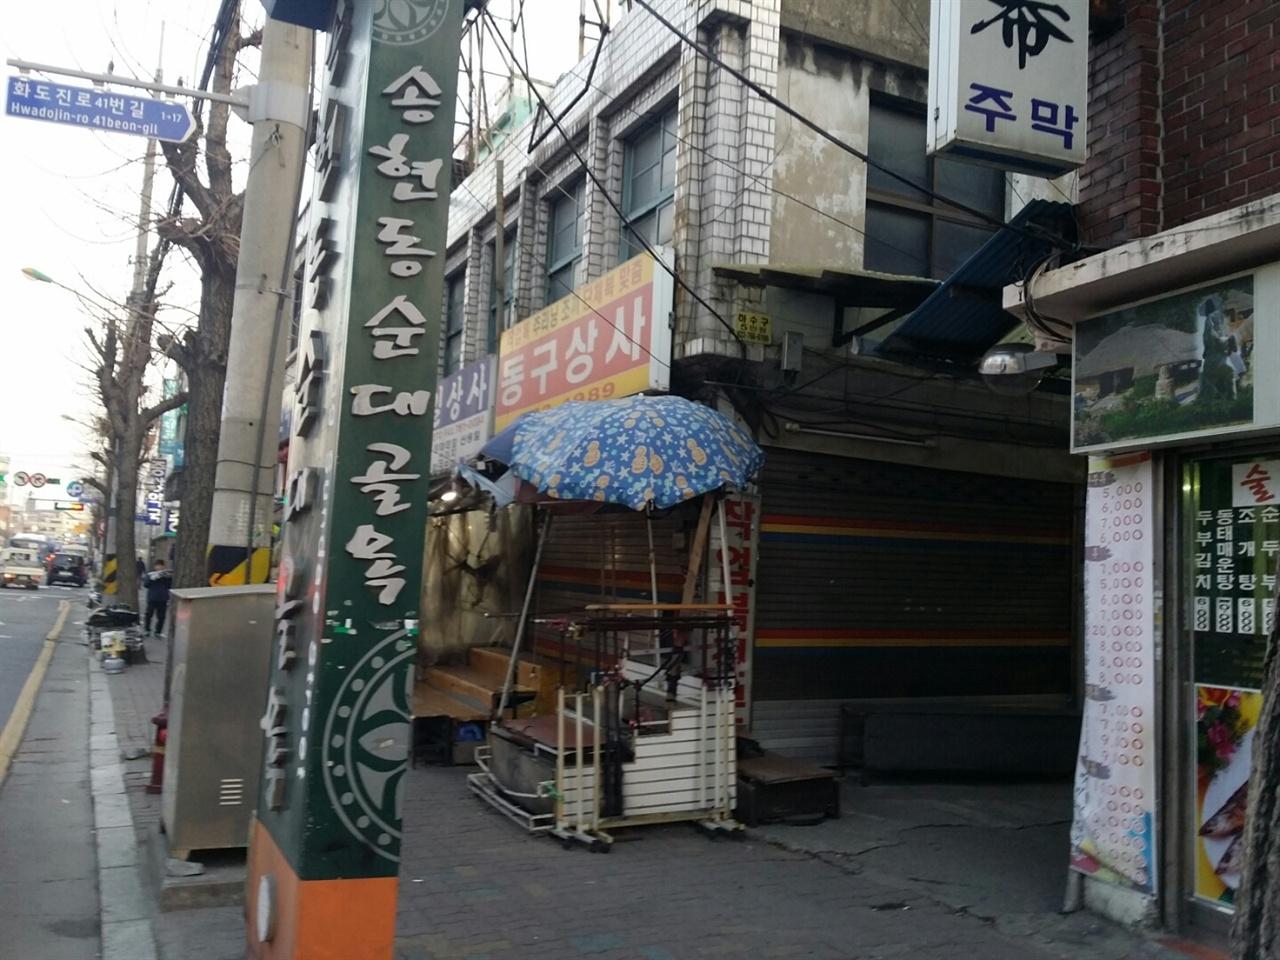 동인천역 중앙시장에 자리잡은 송현동 순대골목의 모습